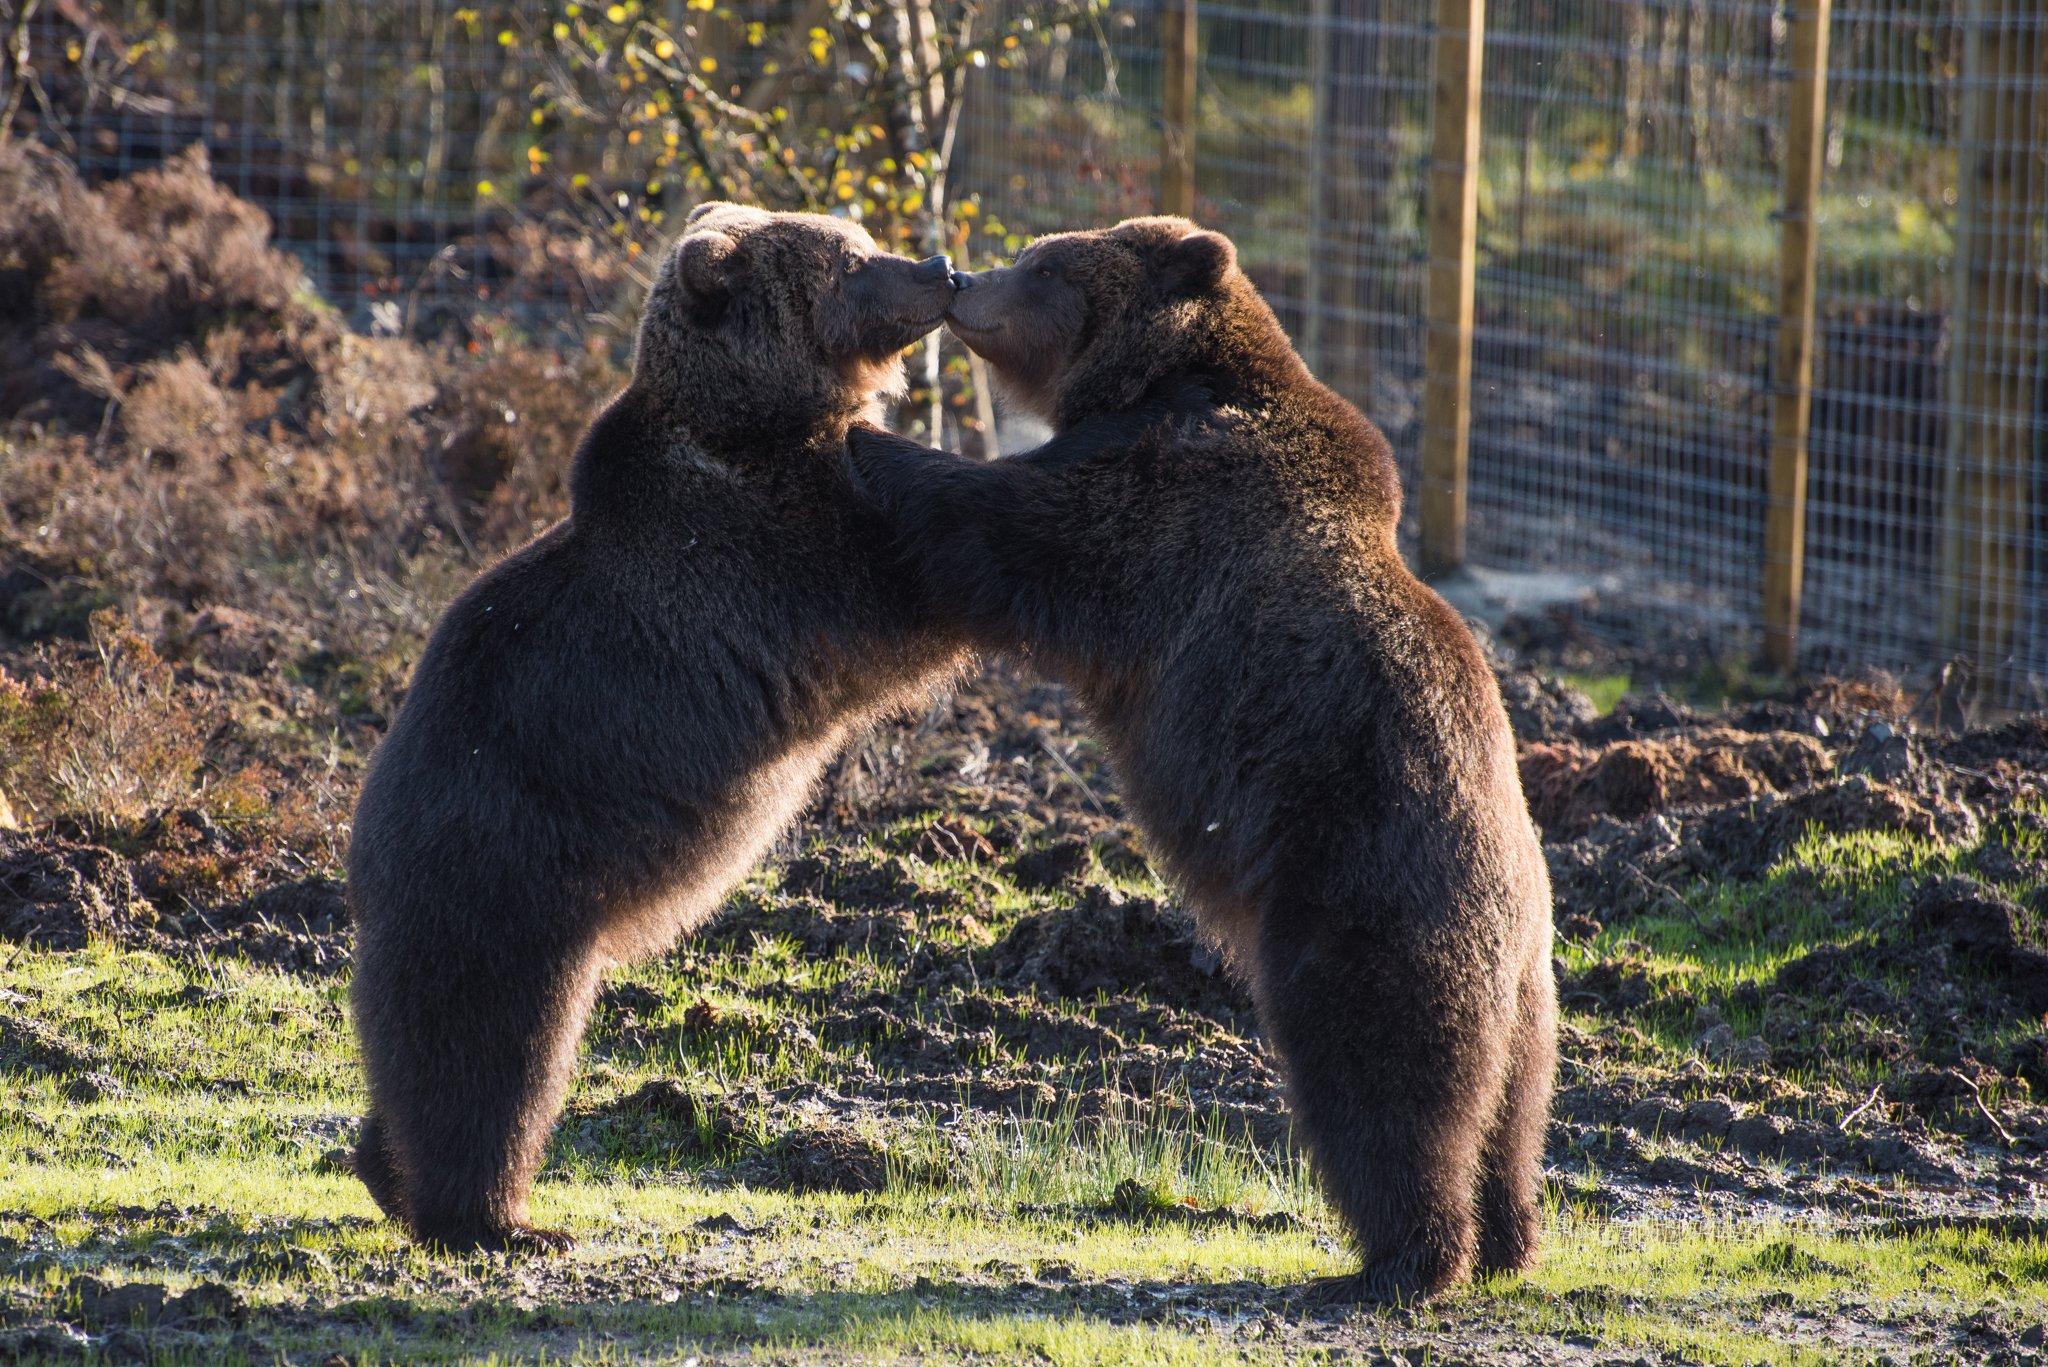 bears_in_ireland